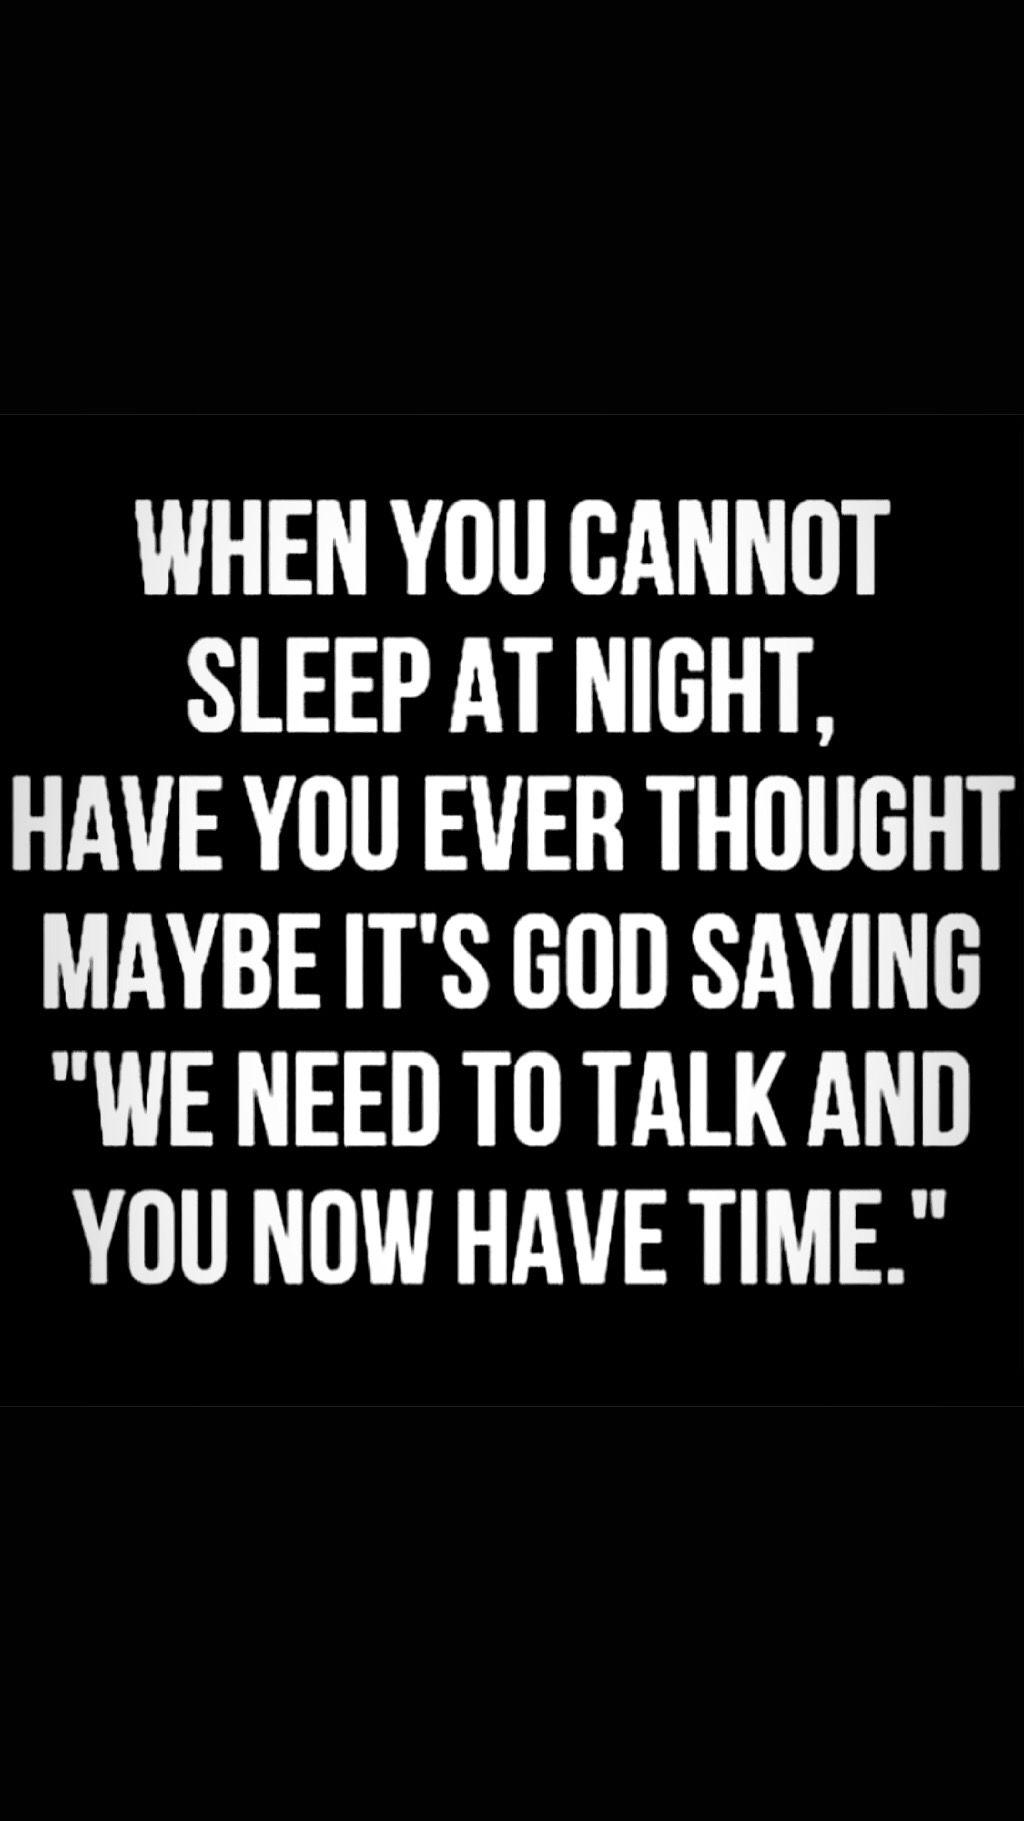 Pray. #faith #pray #life #faithquotes #motherhood